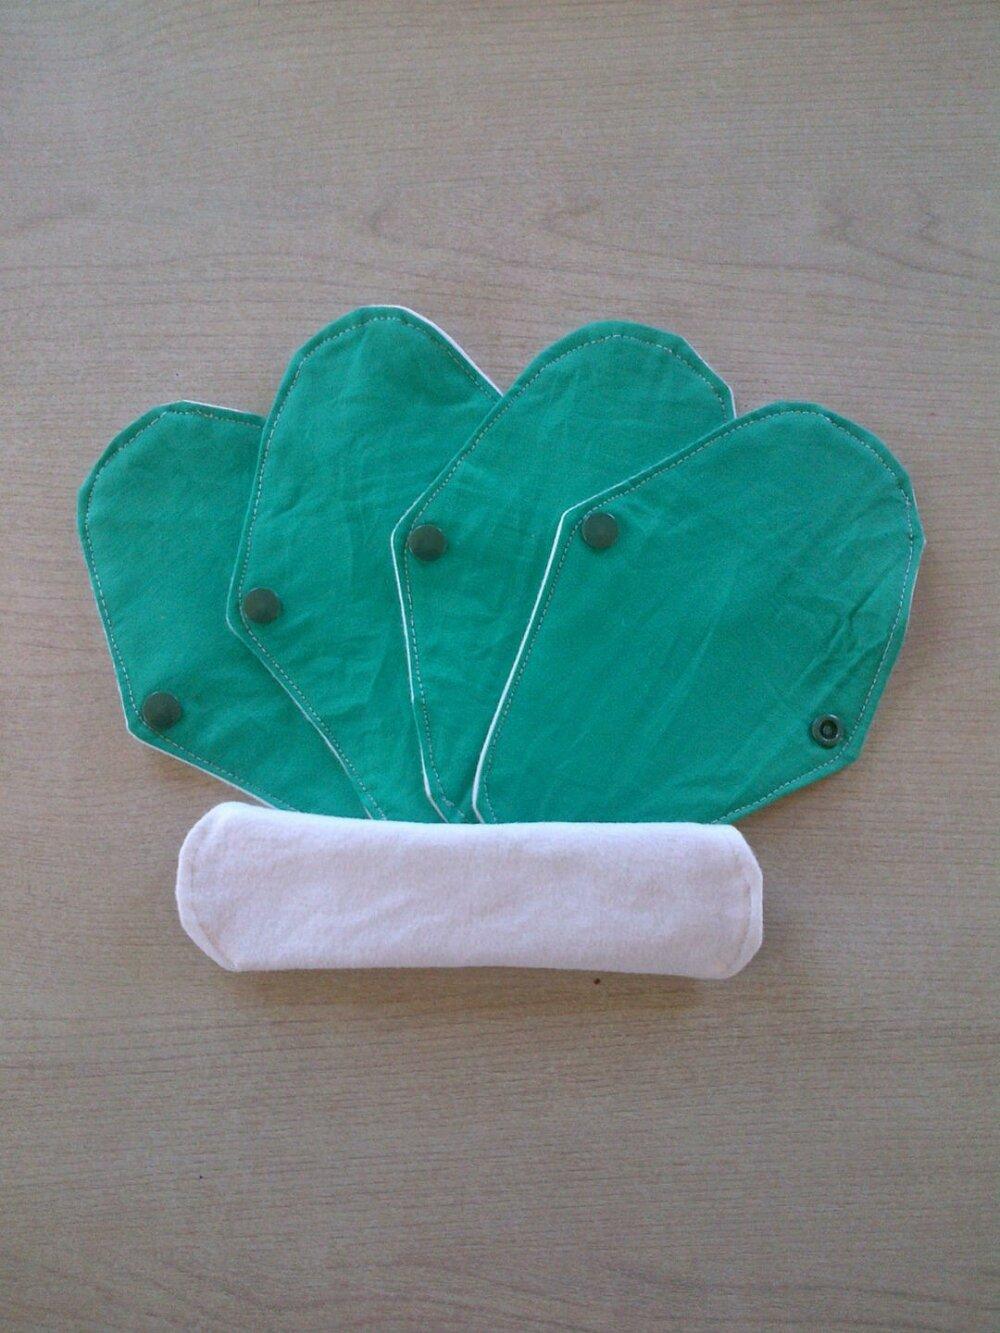 4 Protèges slips lavables écologiques